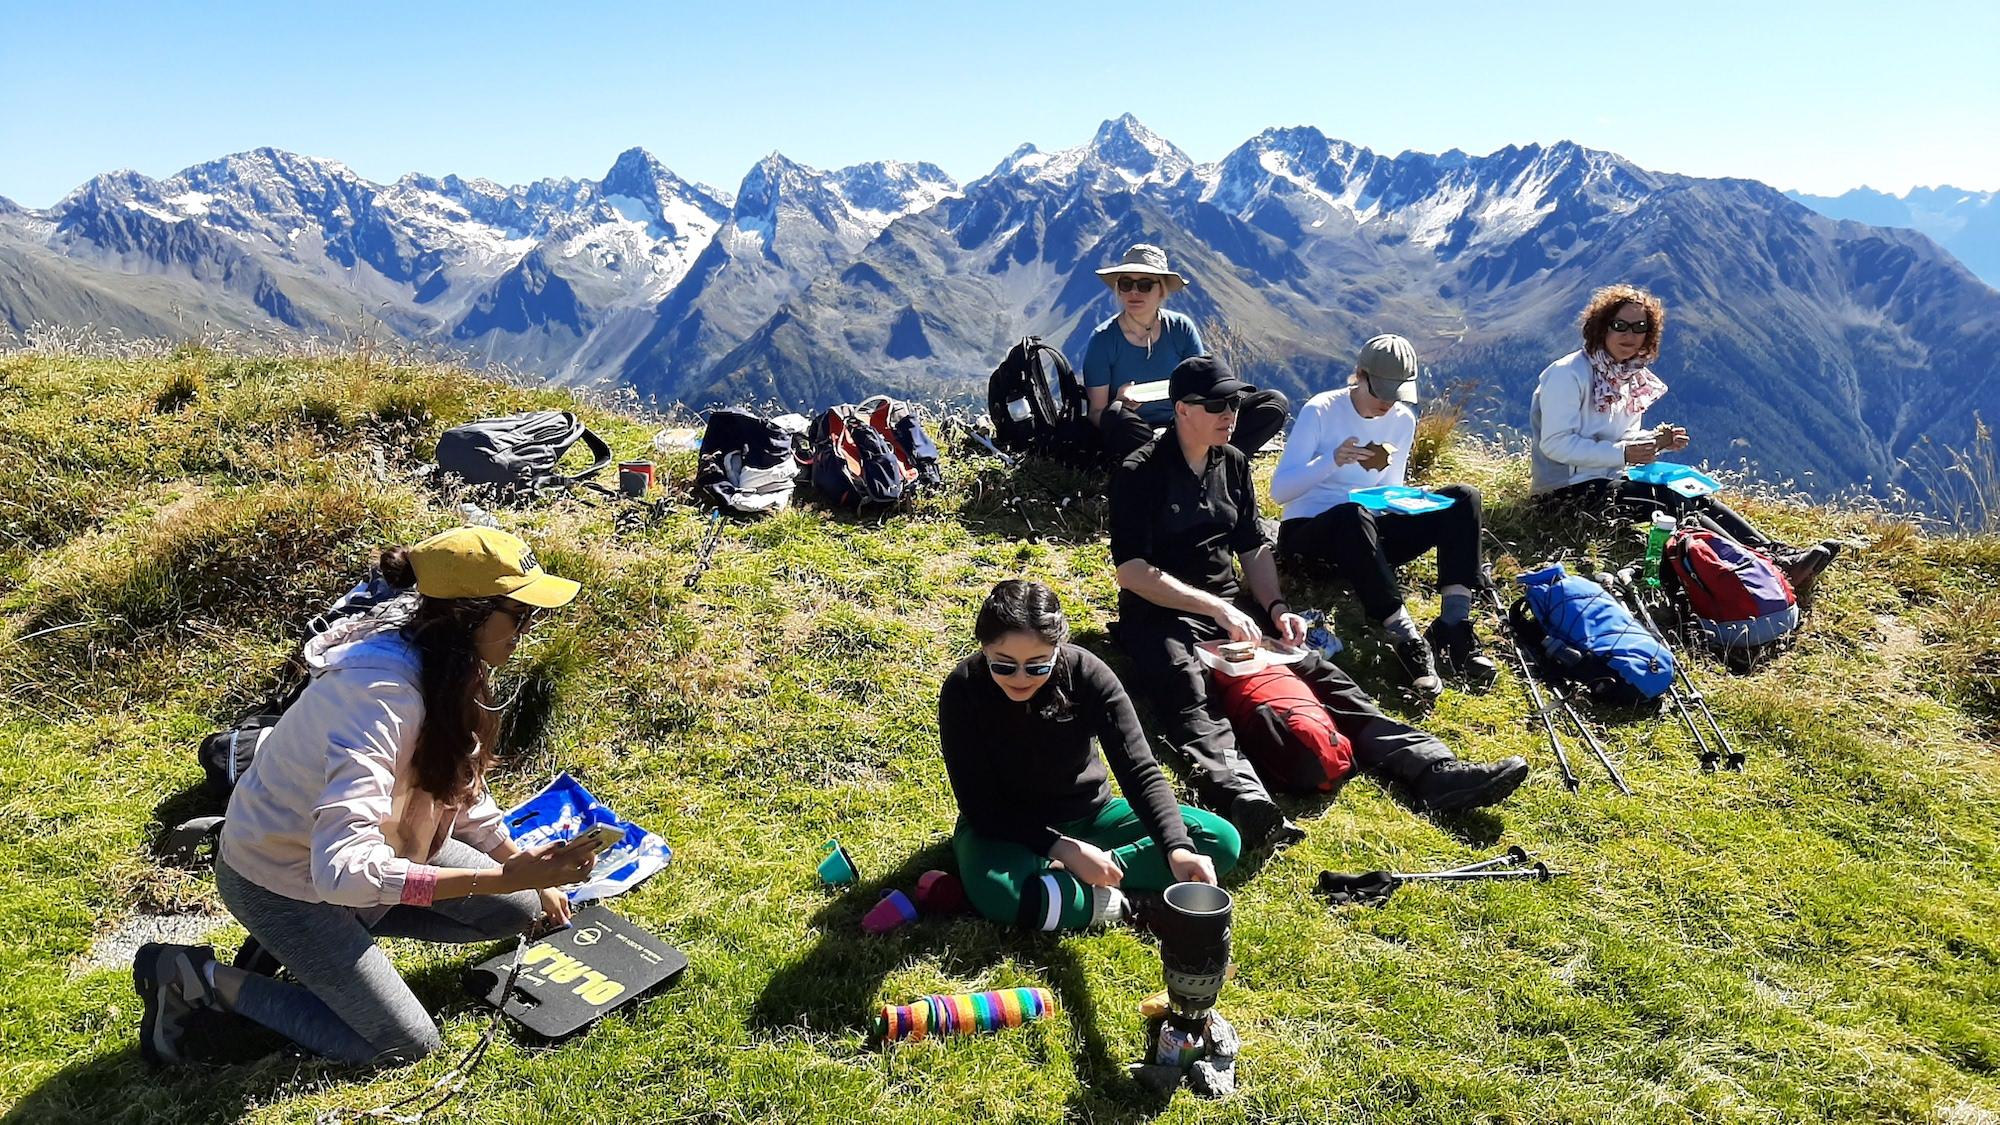 Picnic in the Austrian Alps